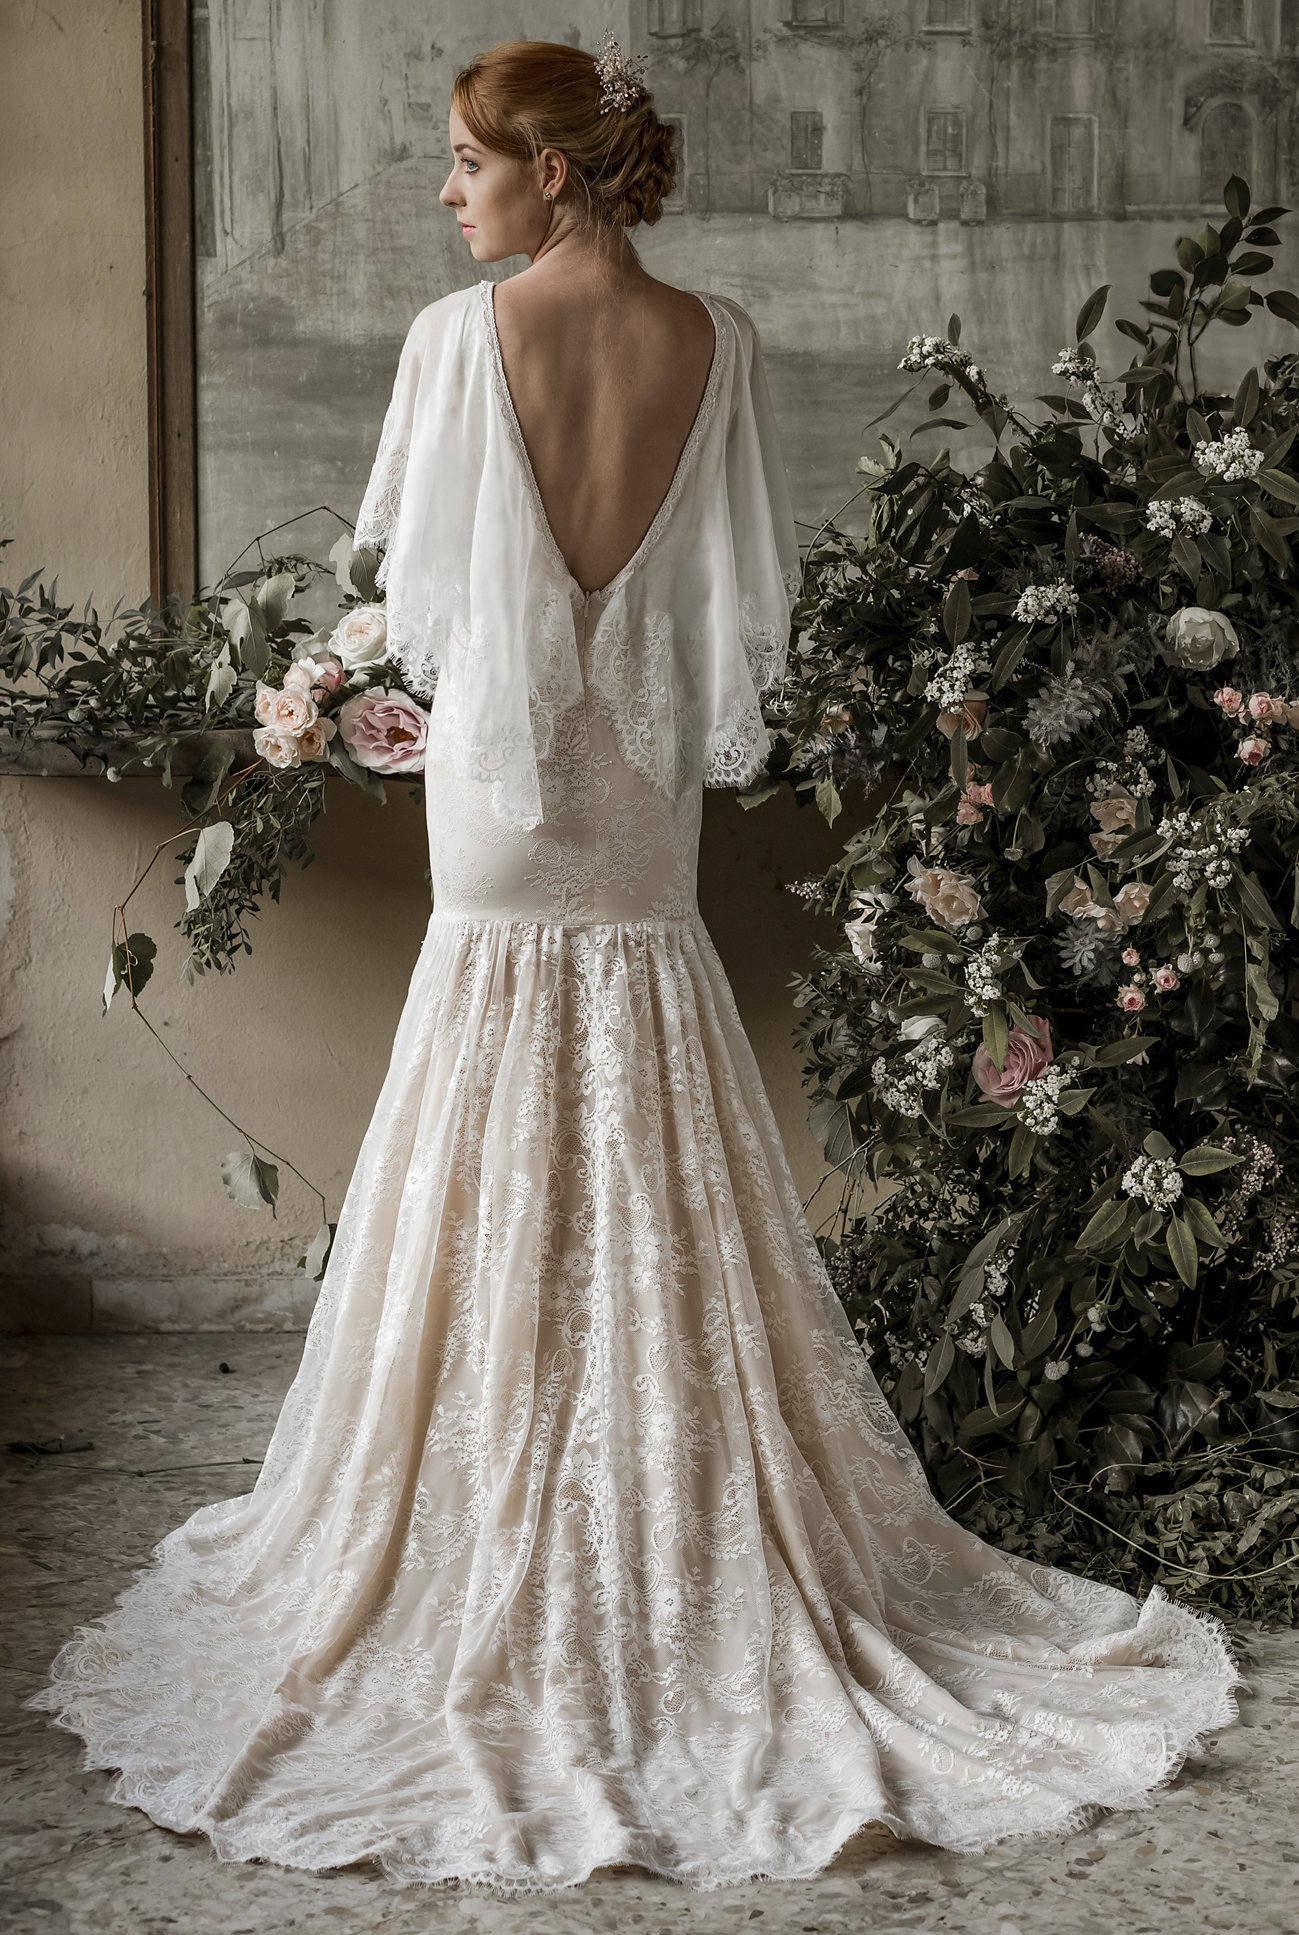 Meerjungfrau Hochzeit Kleid Trompete Brautkleid Mermaid